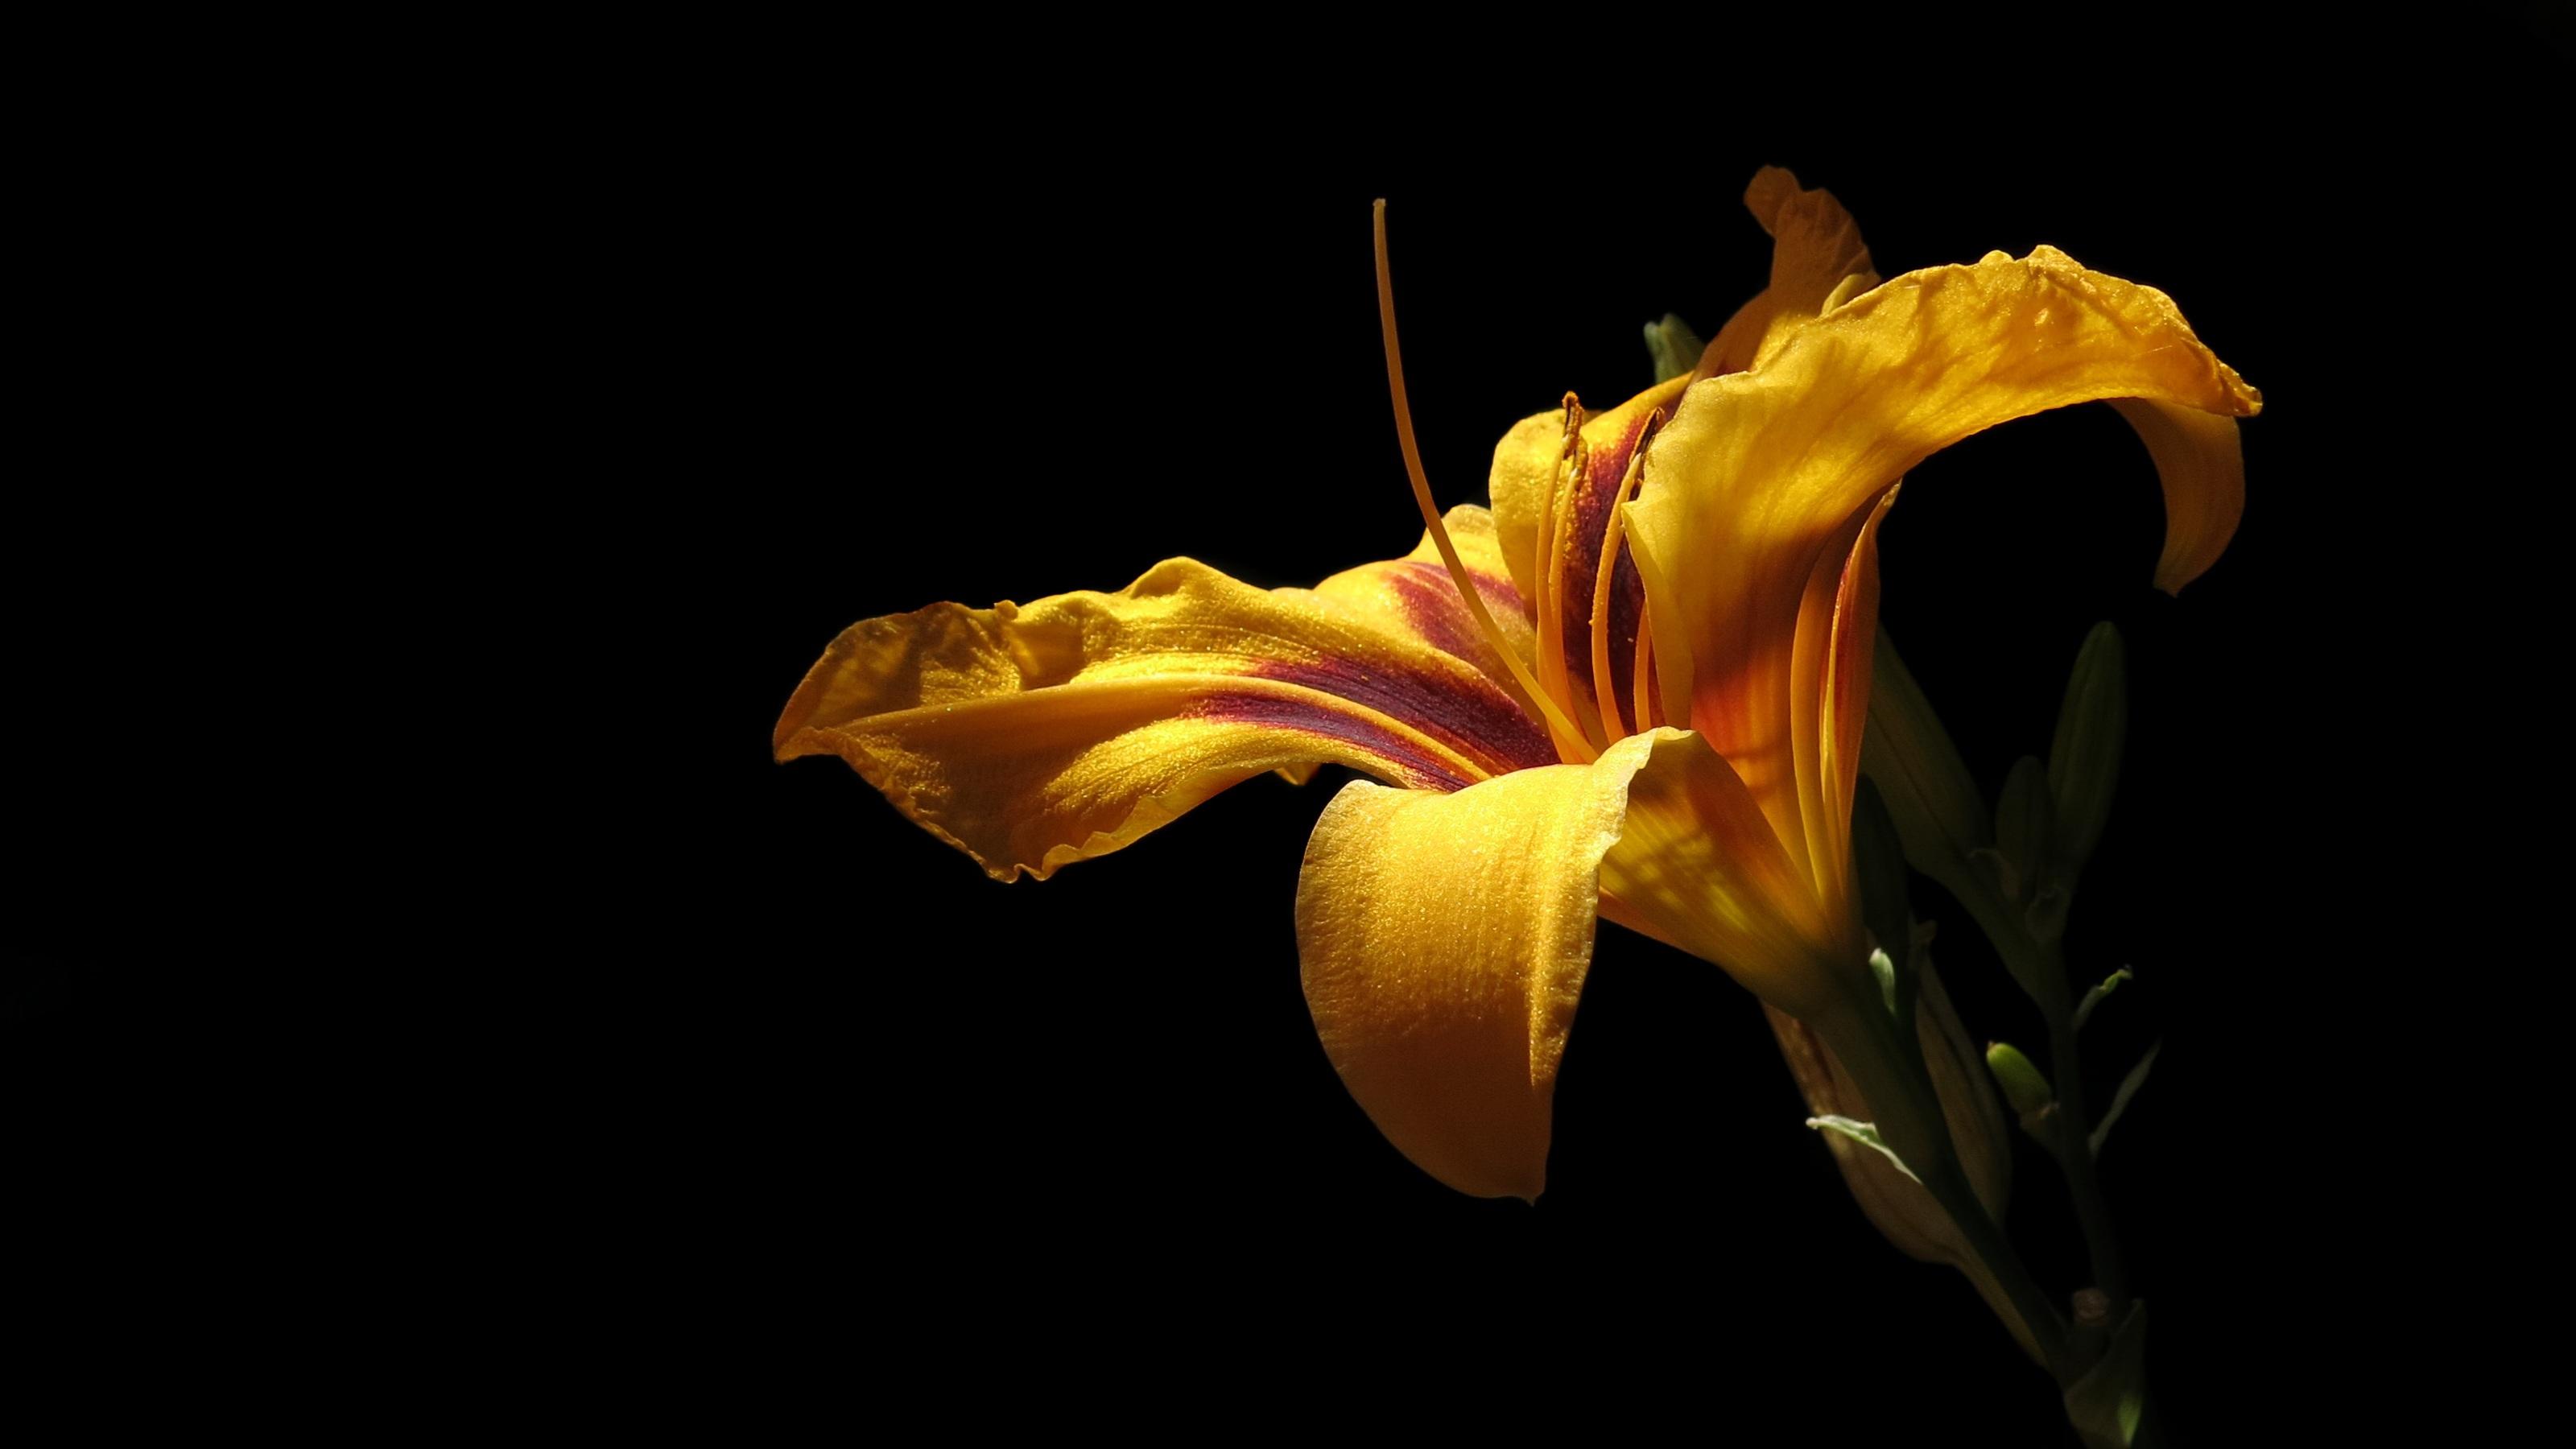 Фотография лилия Желтый Лепестки цветок Черный фон Крупным планом Лилии желтых желтые желтая лепестков Цветы вблизи на черном фоне